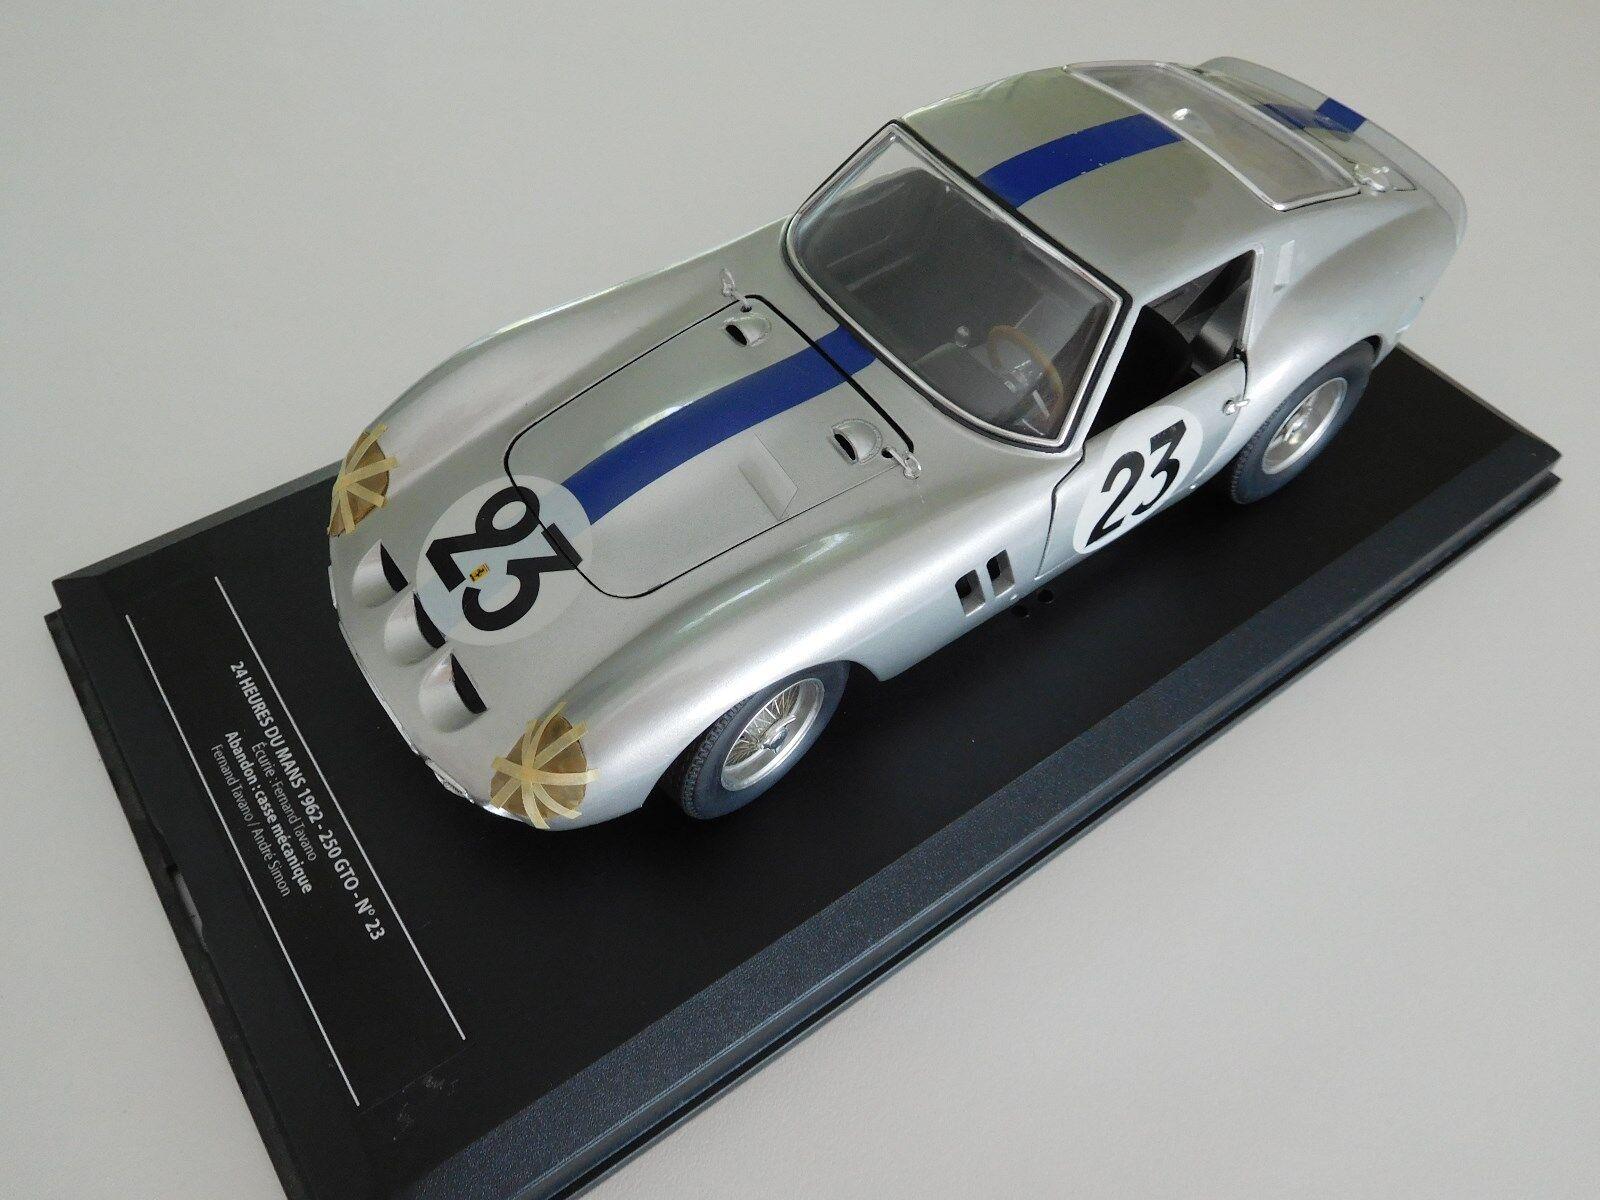 24 HFERRARI  250 GTO 62 LE hommeS 1962   23 1 18 prépa Apyvoitures  pour la vente en gros